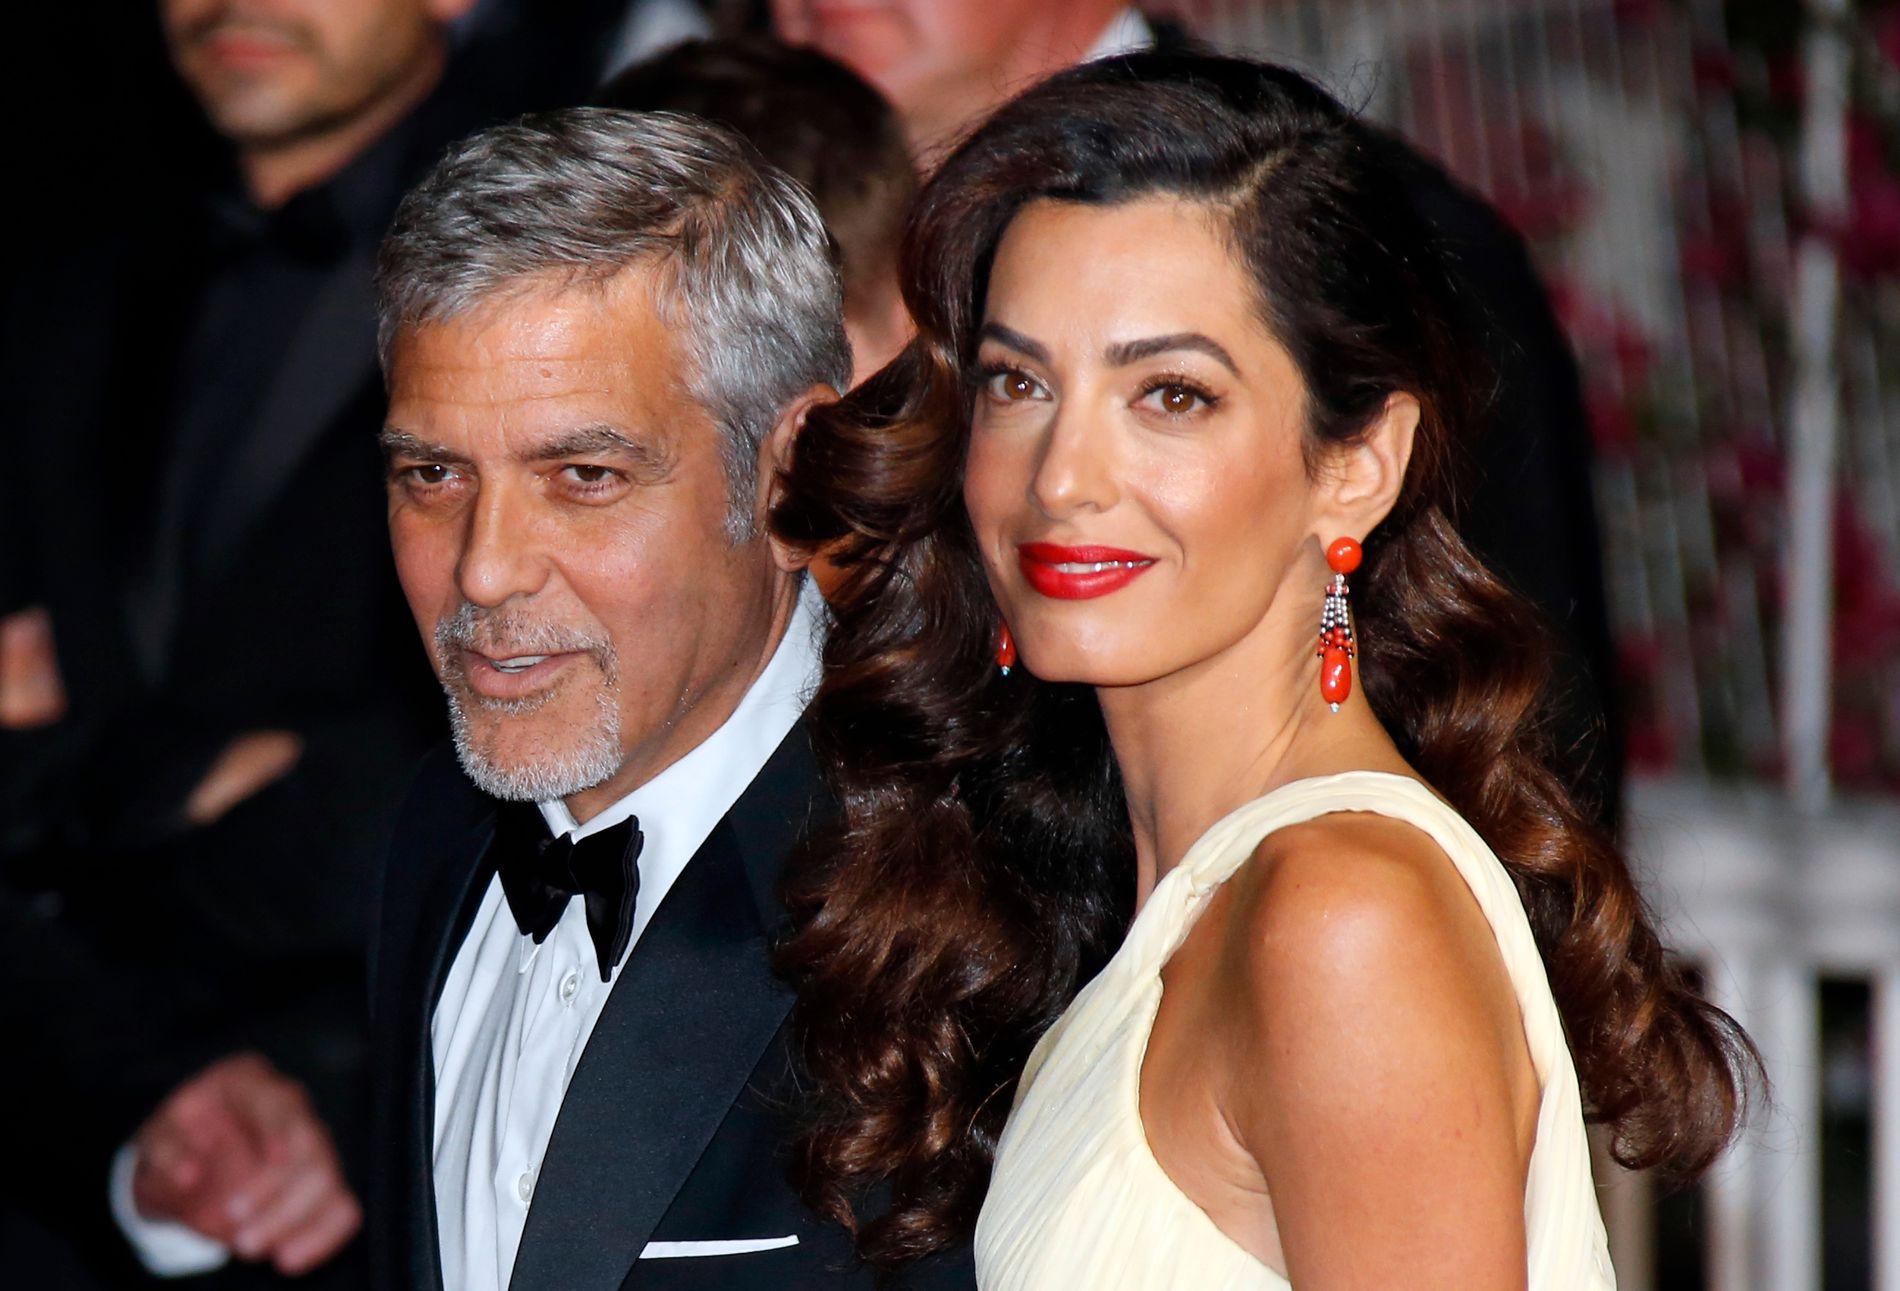 KLAR TALE: George Clooney, her sammen med kona Amal Clooney, skriver i et debattinnlegg at folk ikke bør legge igjen penger på ni luksushoteller i USA, Storbritannia, Italia og Frankrike.